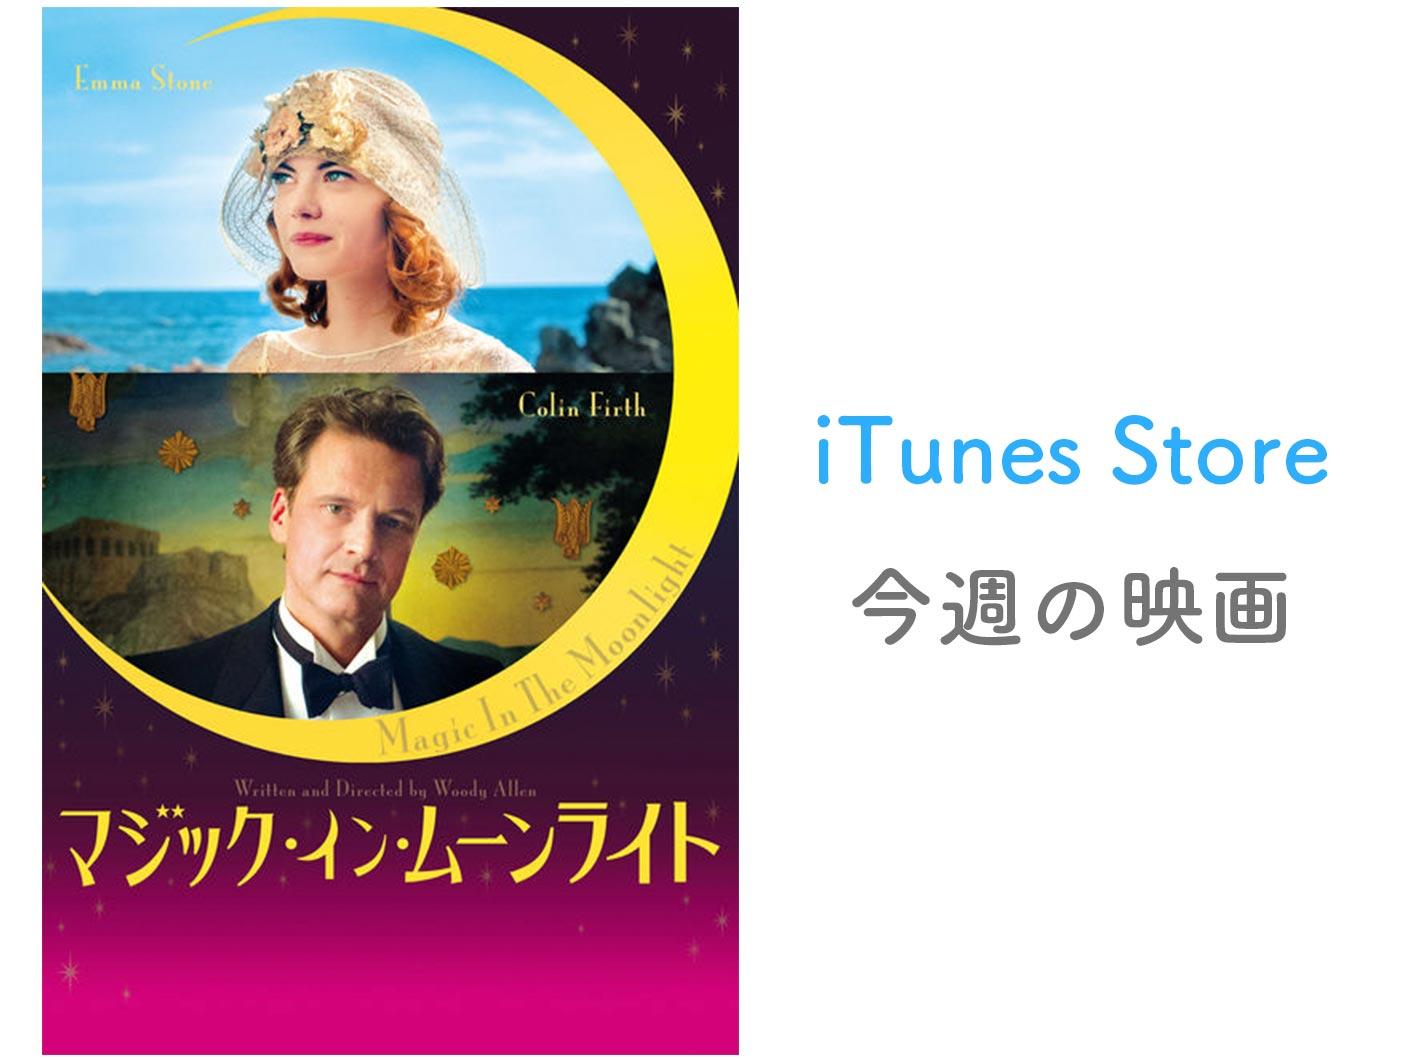 【レンタル100円】iTunes Store、「今週の映画」として「マジック・イン・ムーンライト」をピックアップ